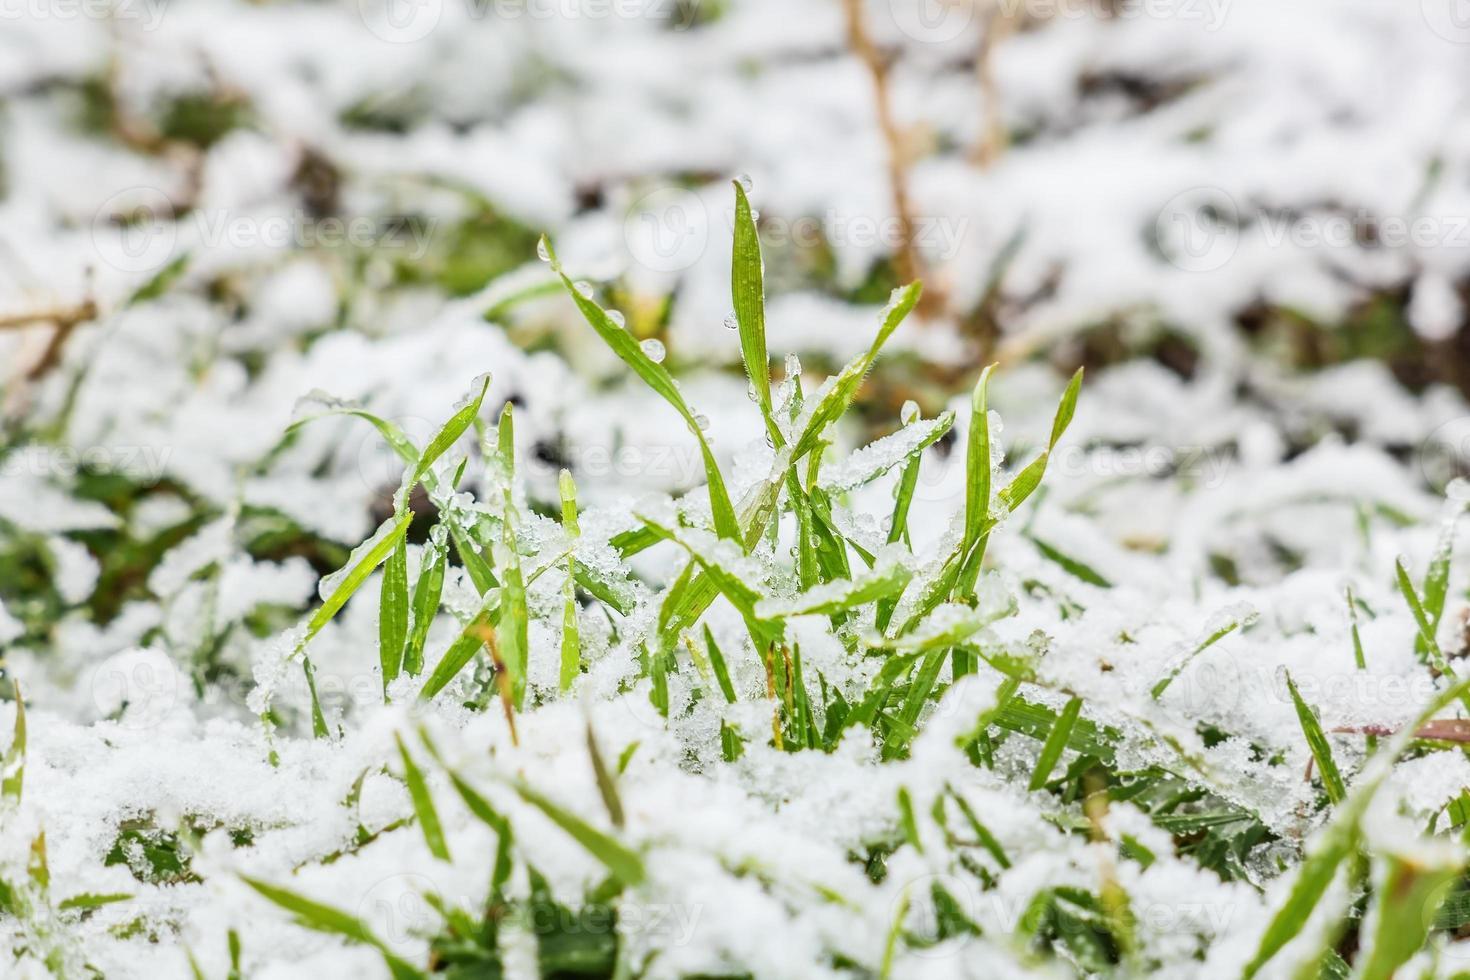 nieve mojada sobre la hierba verde en invierno foto